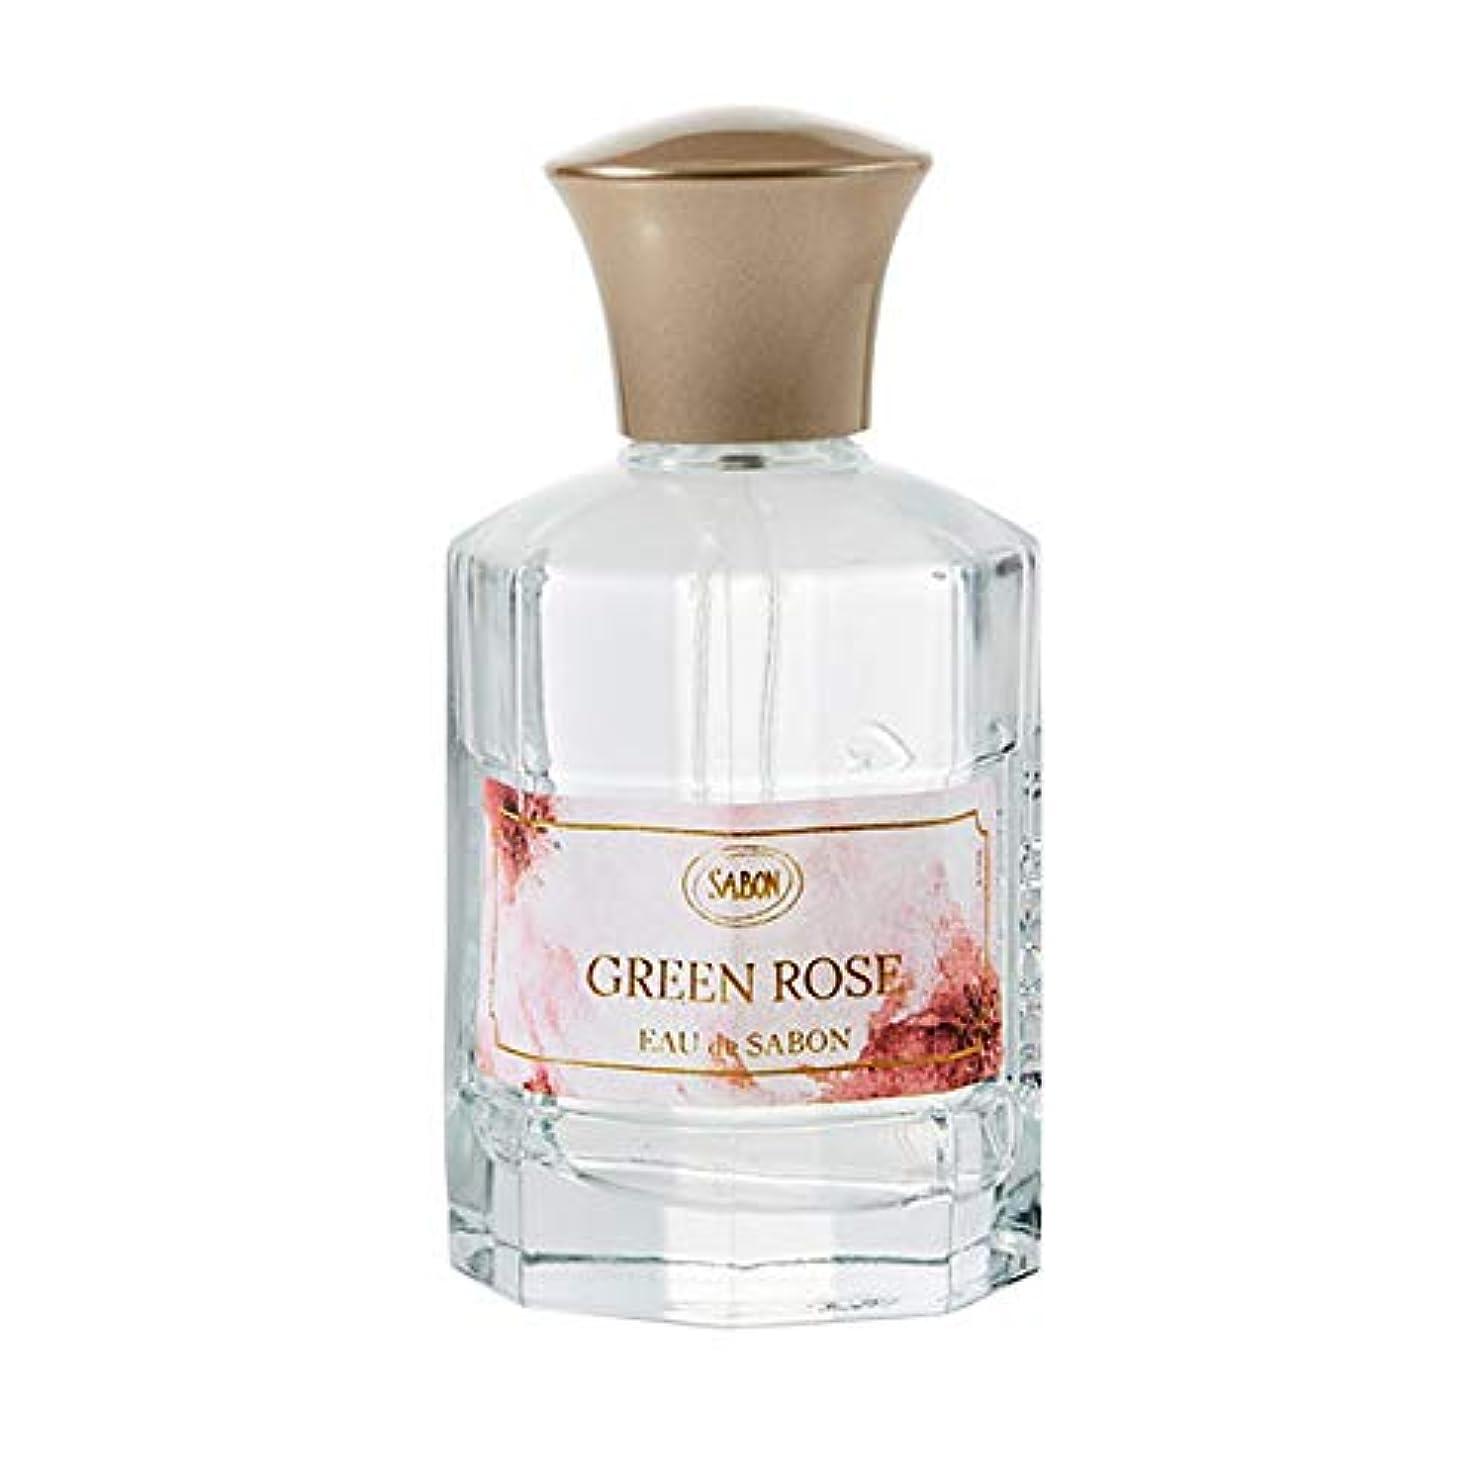 薄める誰がロッカーサボン SABON オー ドゥ サボン グリーンローズ ( GREEN ROSE ) 80ml オードトワレ フレグランス 香水 パフューム デイリーパフューム